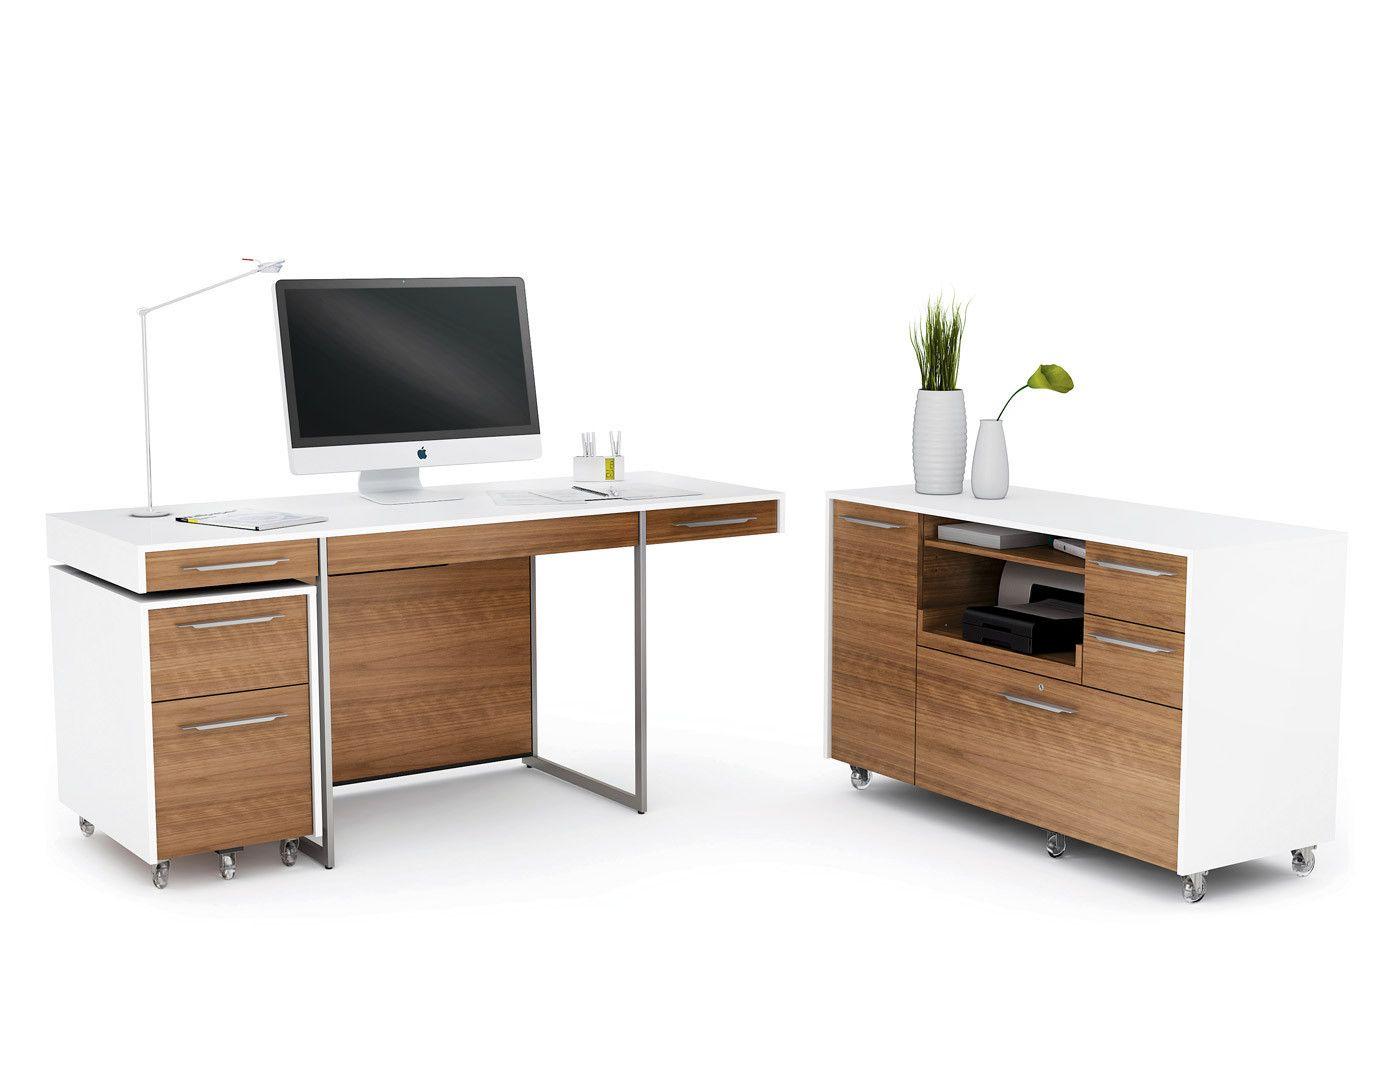 Büromöbel Mobile Office Möbel | BüroMöbel | Pinterest | Büromöbel ...